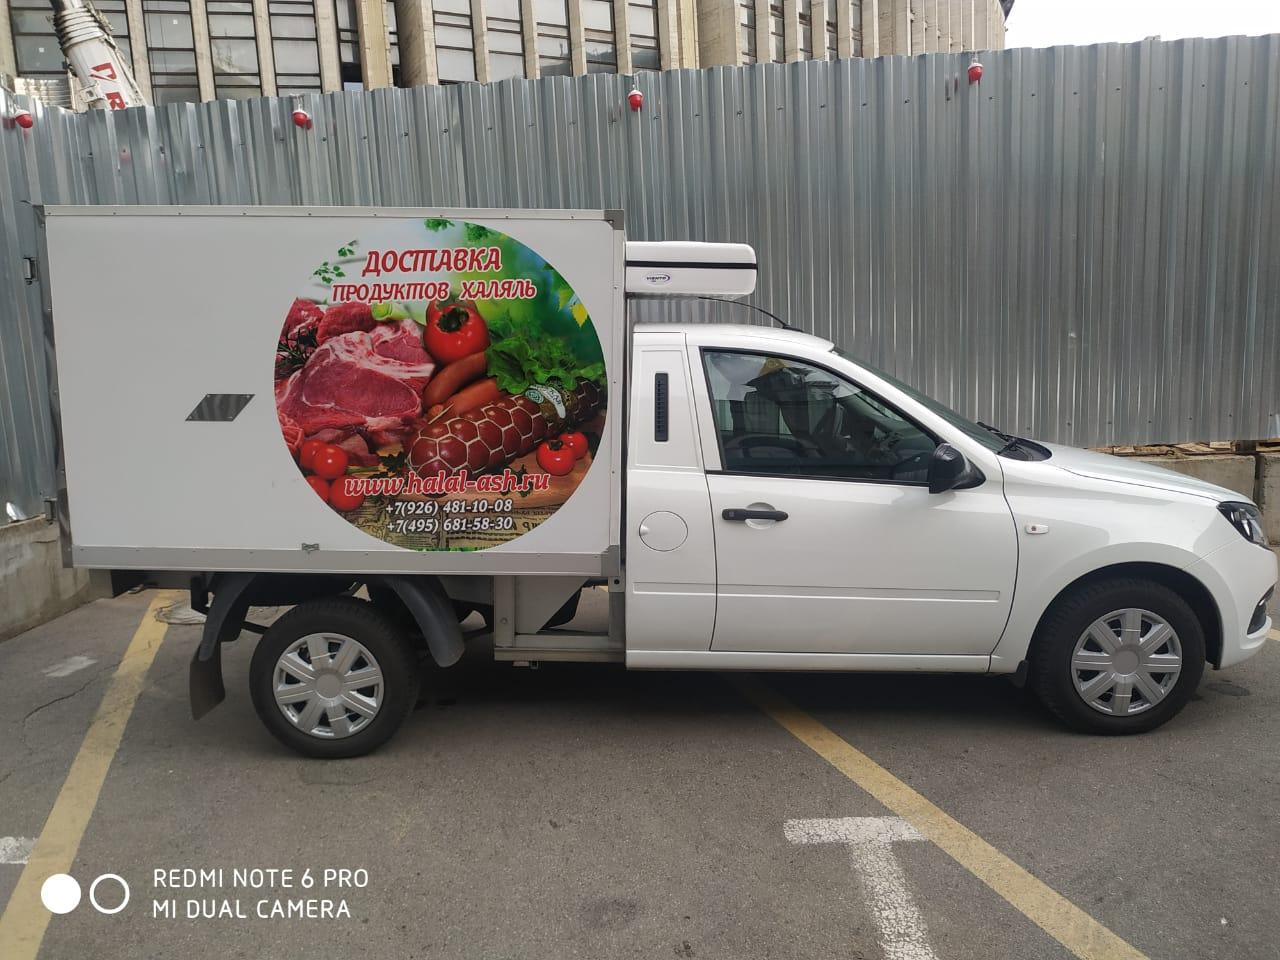 Брендирование автомобилей для доставки для компании Халял АШ